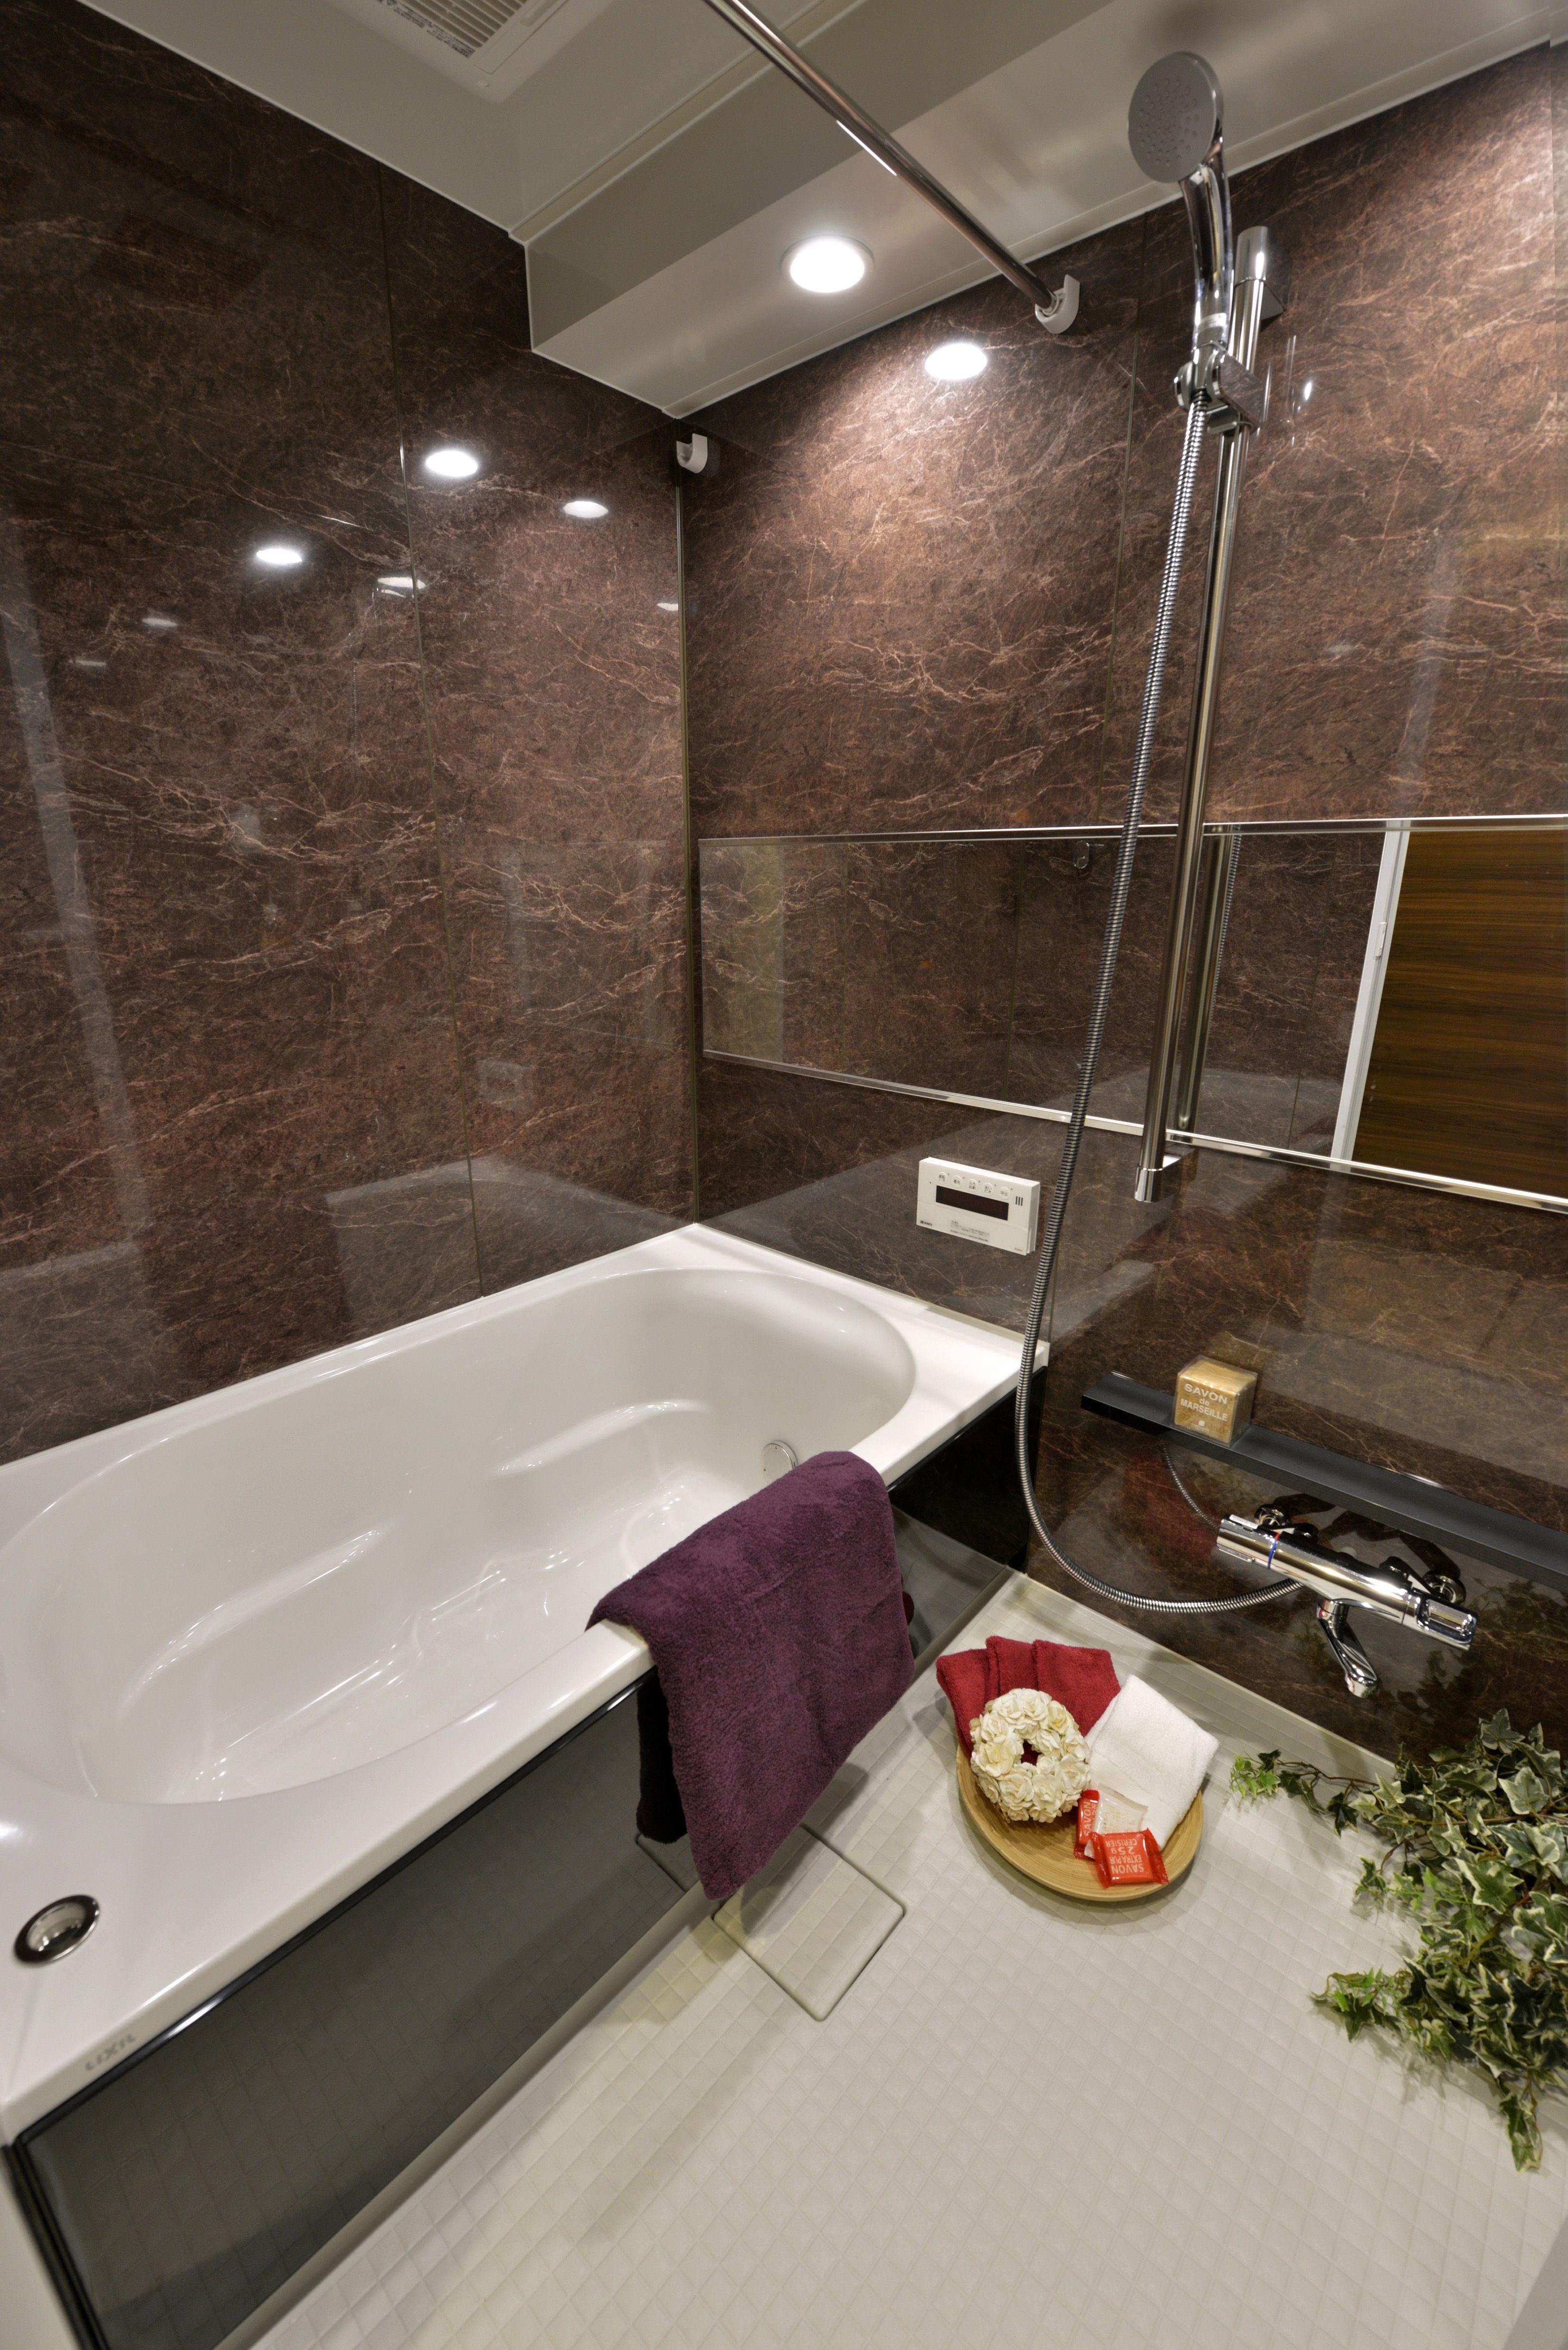 003 都心で贅沢にゆったり暮らす 高級感漂うariseグレイスモダン 浴室 モダン ユニットバス 浴室 デザイン